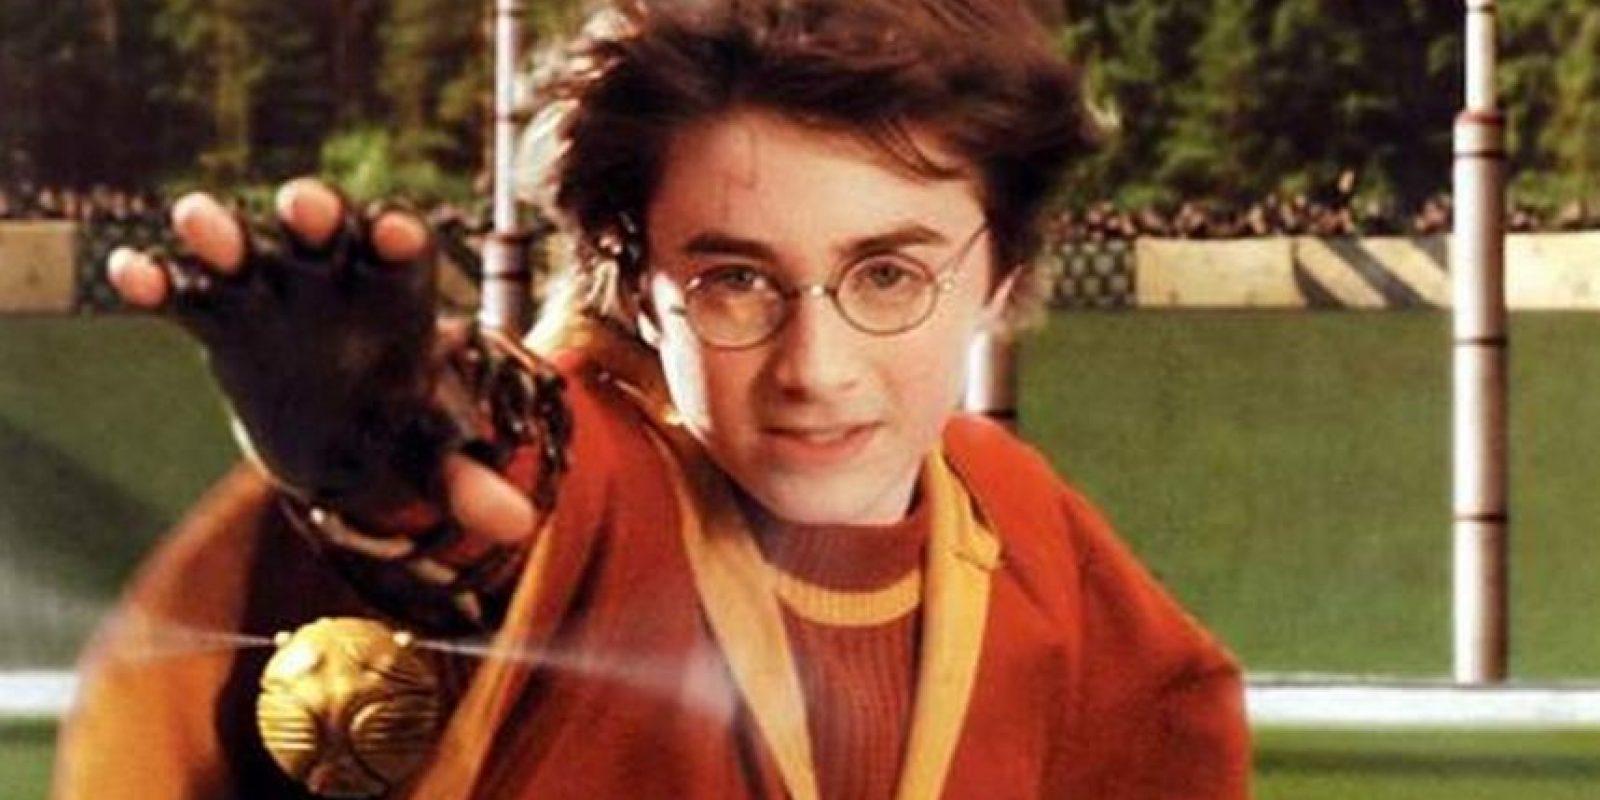 JK Rowling insistió en que todos los actores fueran Ingleses Foto:Warner Bros